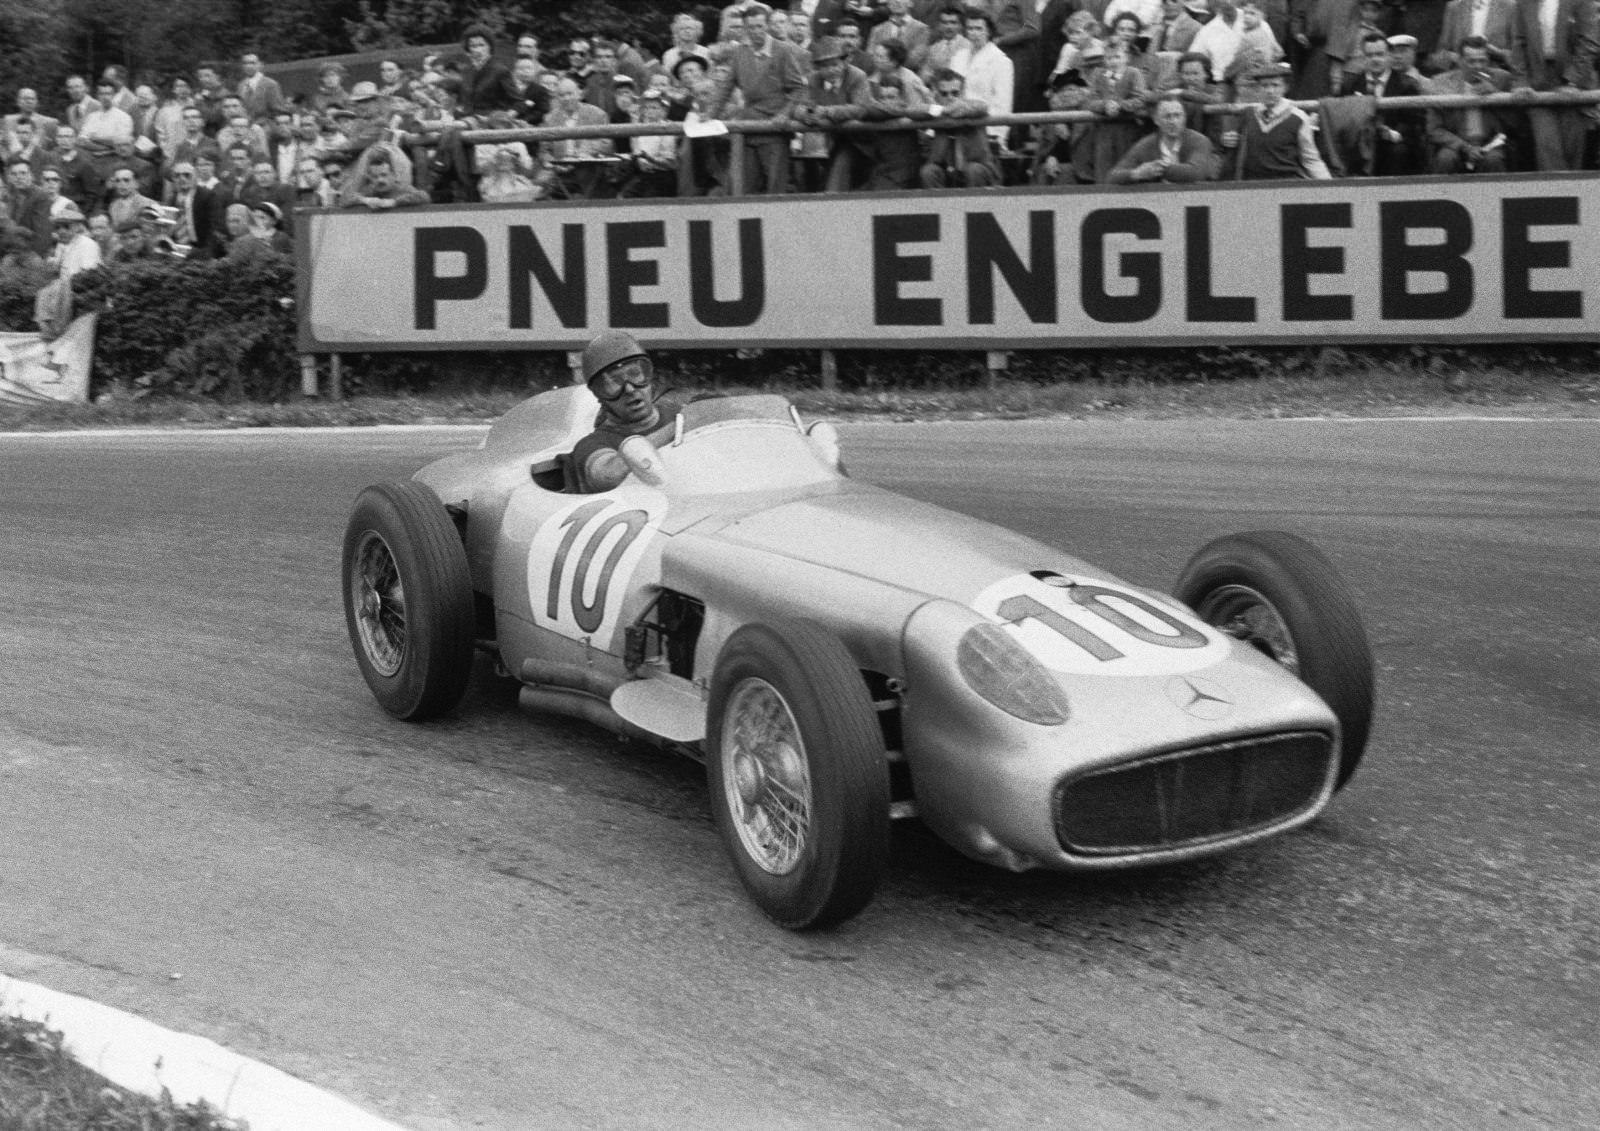 Fangio y la historia no contada que se empieza a contar 1600x1131